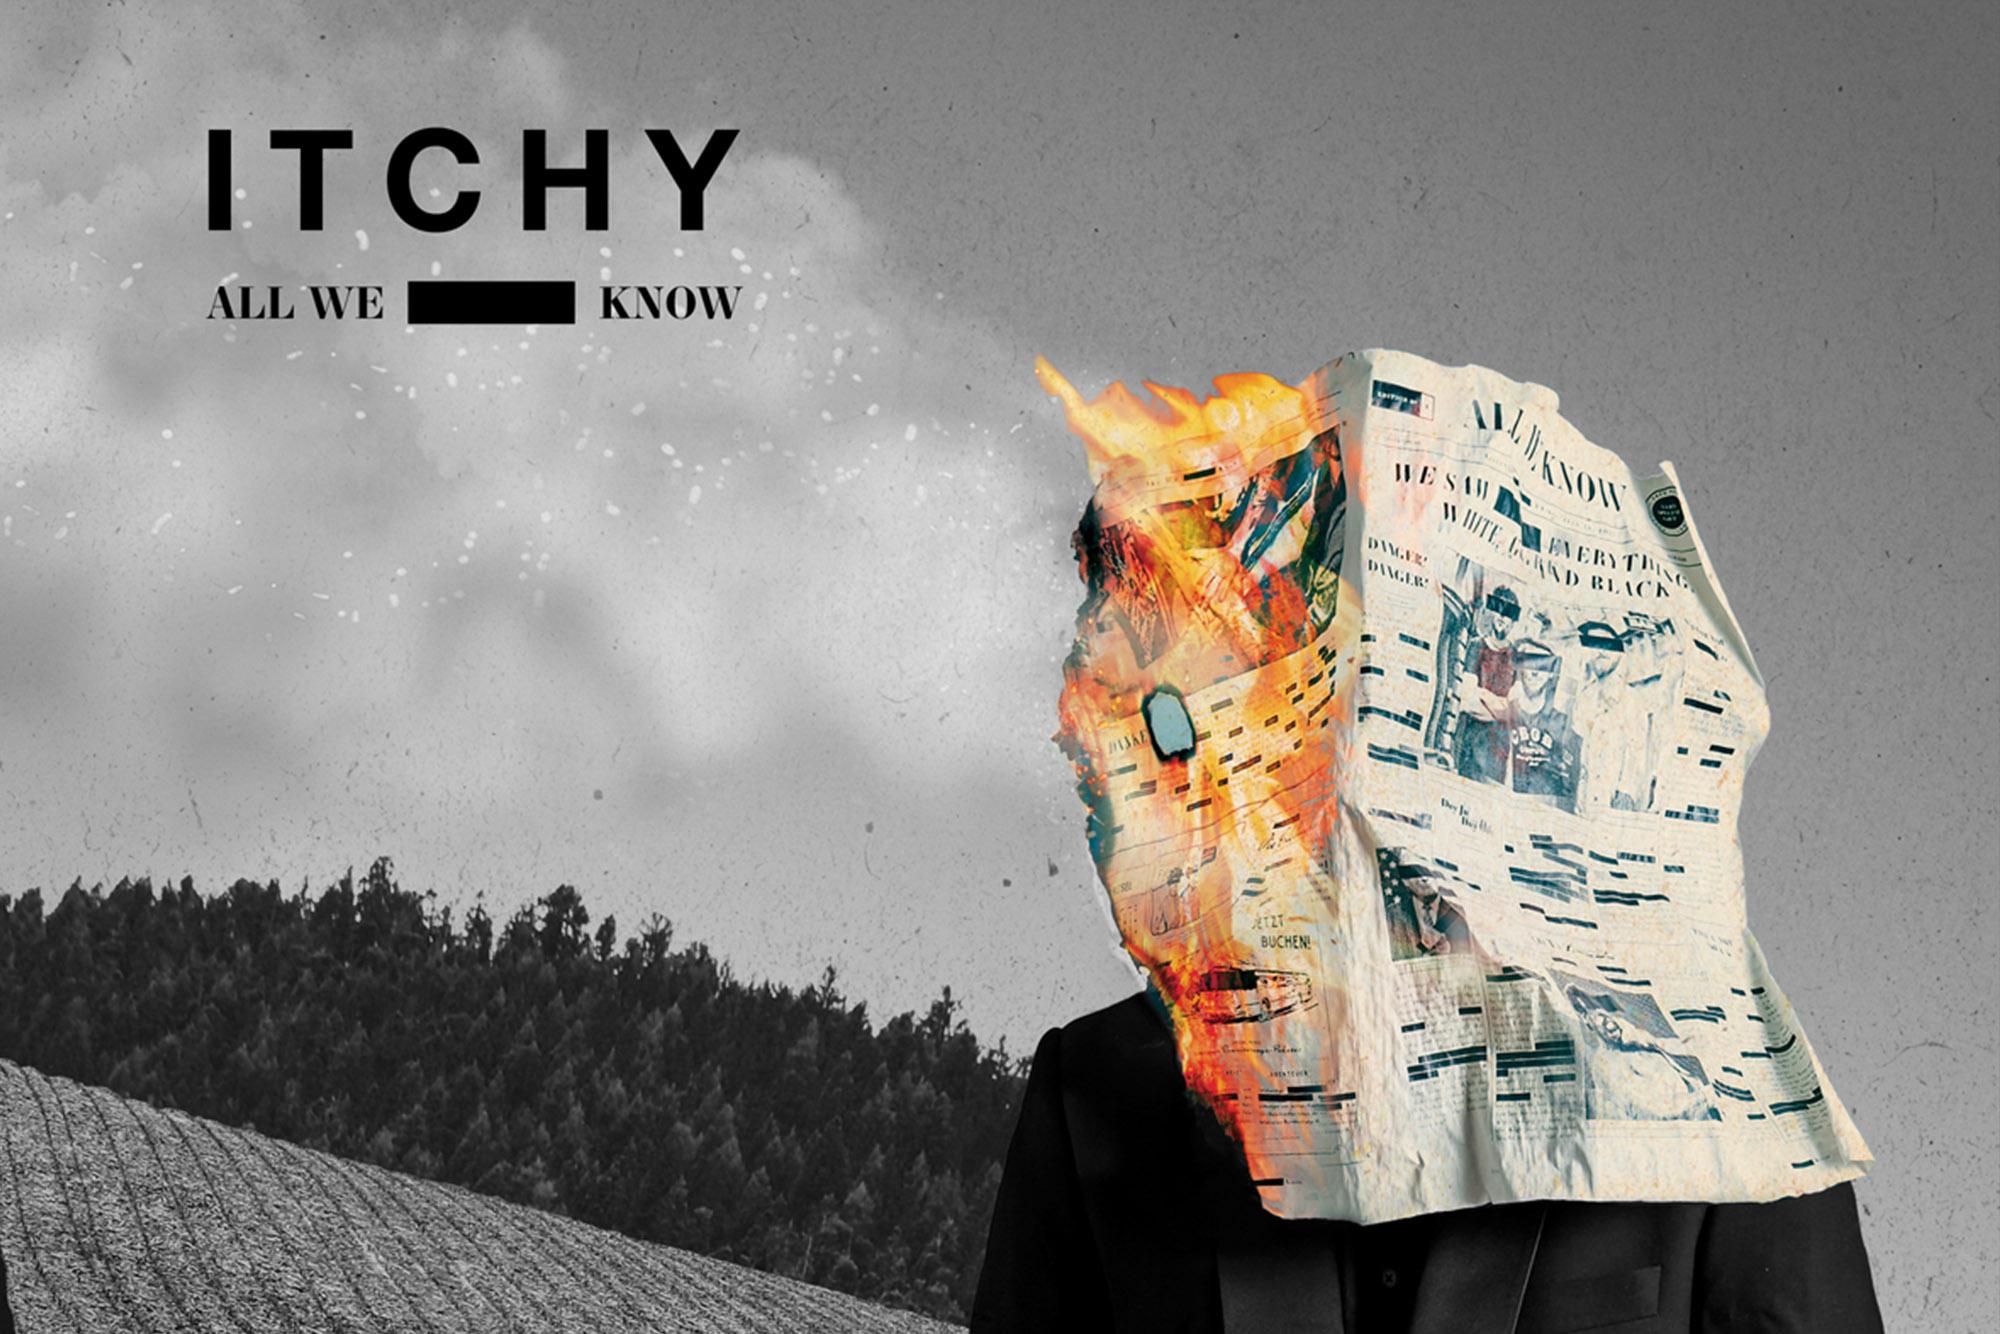 Itchy - das beste dreißigminütige Konzert aller Zeiten